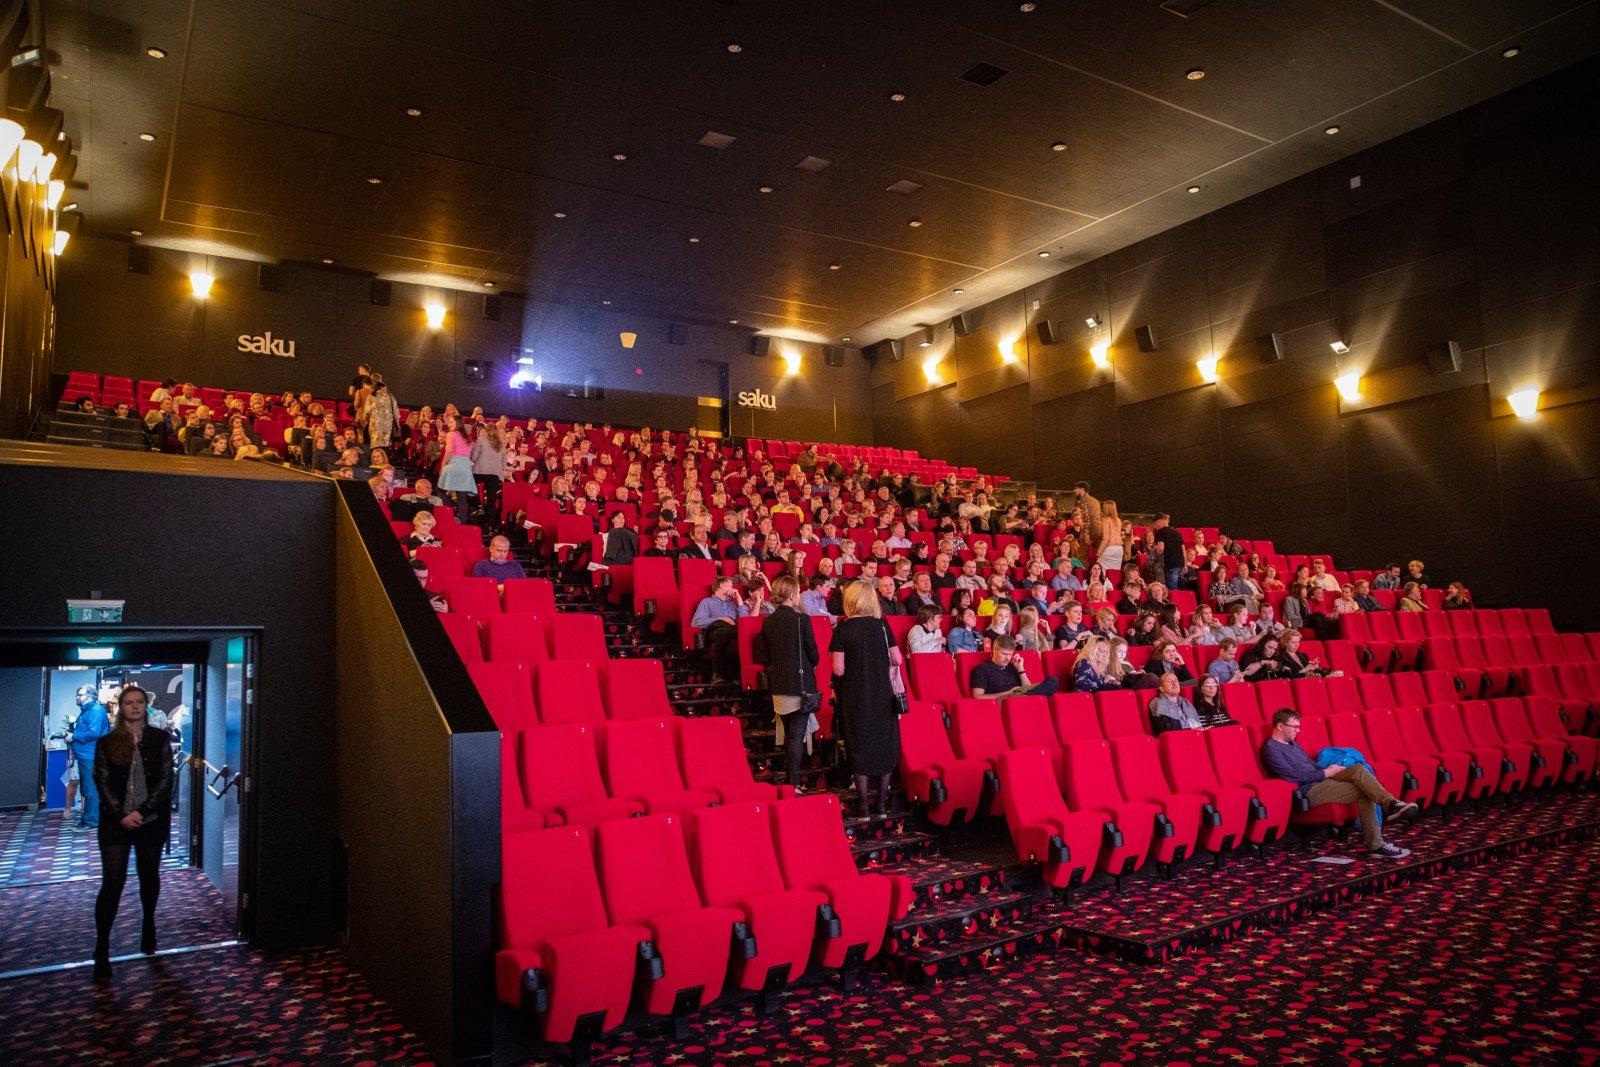 Kino liikme suurus